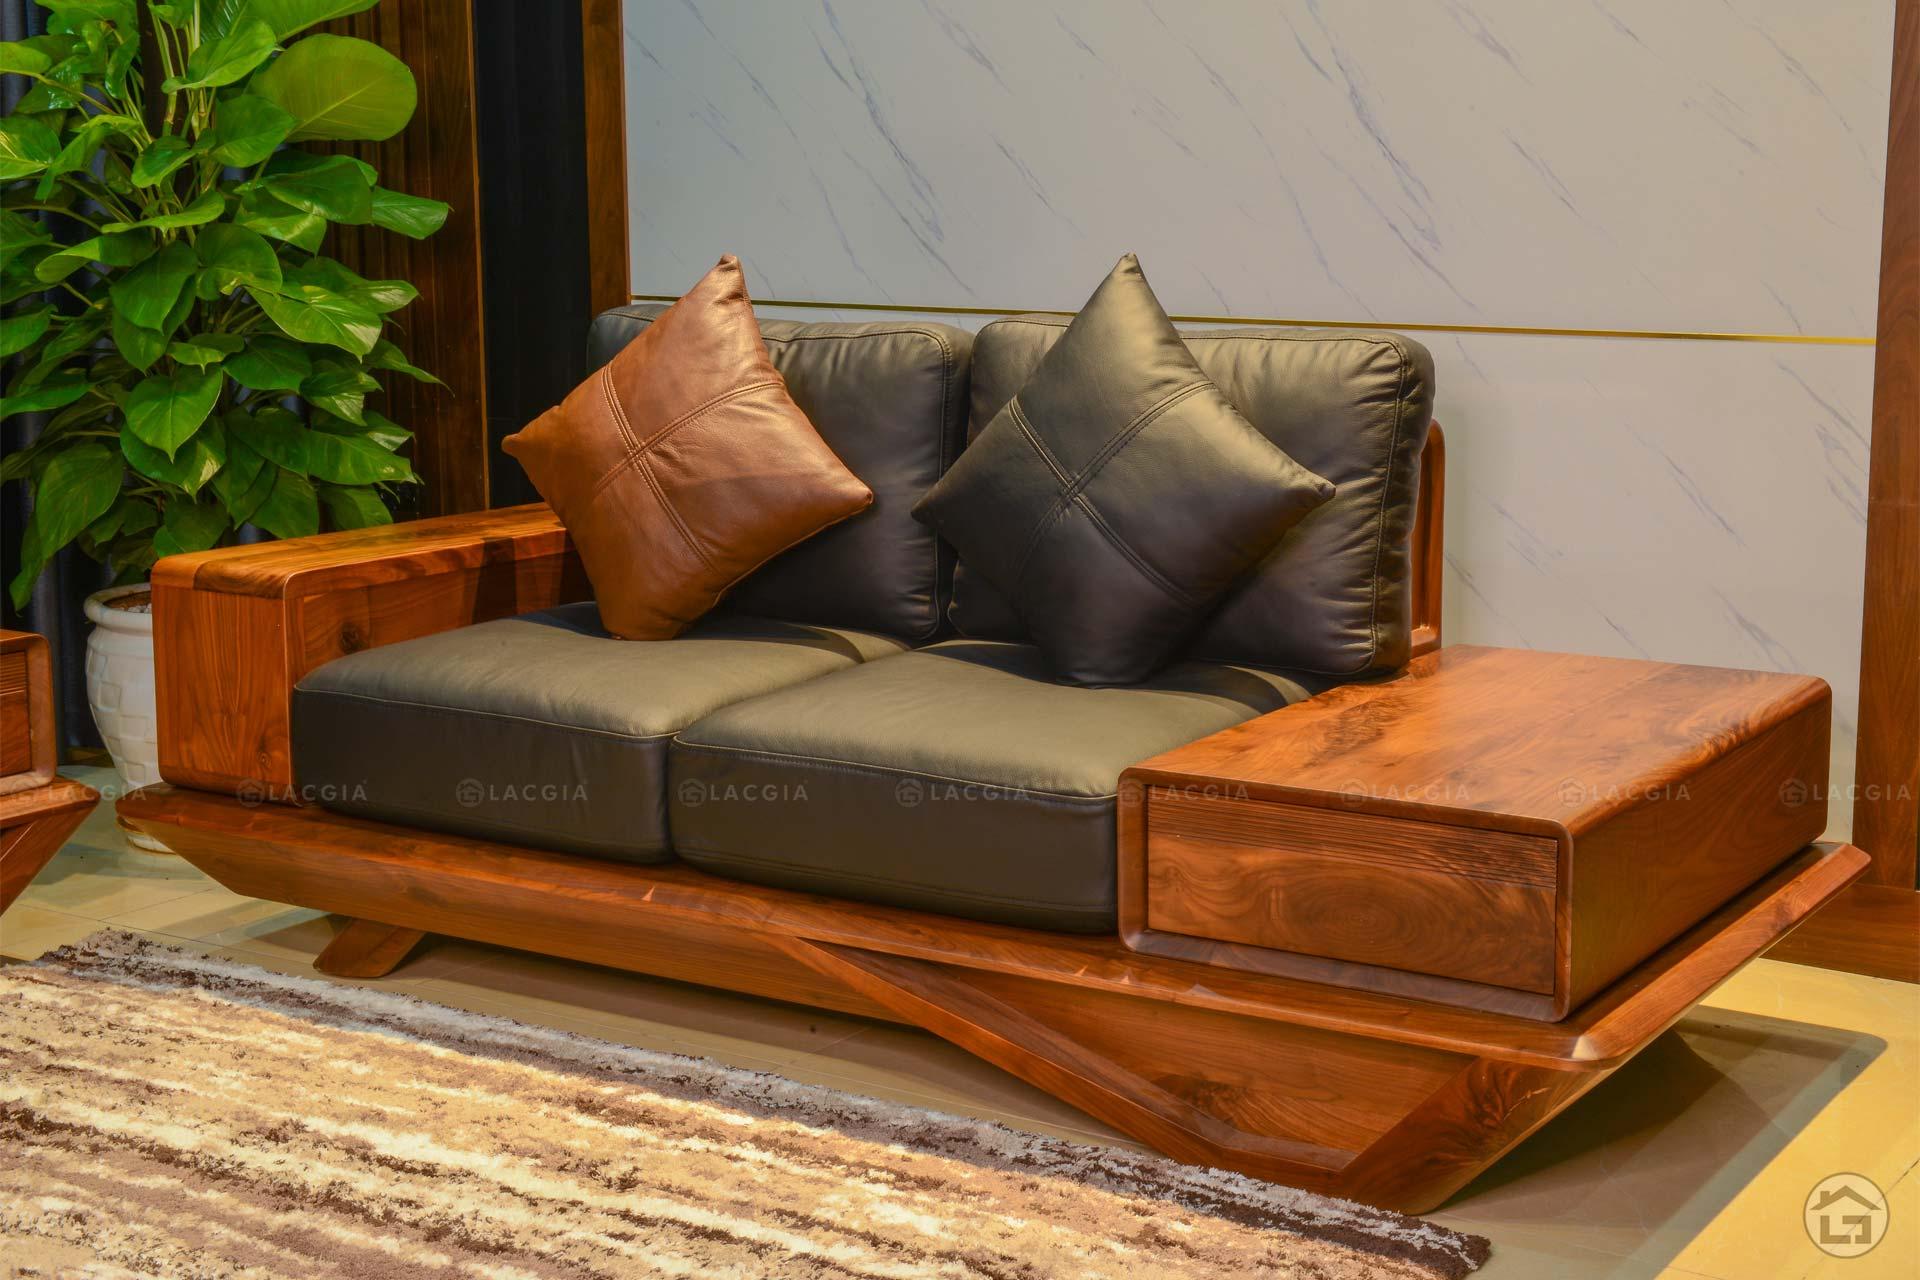 sofa go oc cho cao cap sf29 plus 1 - Sofa gỗ óc chó cao cấp SF29 Plus